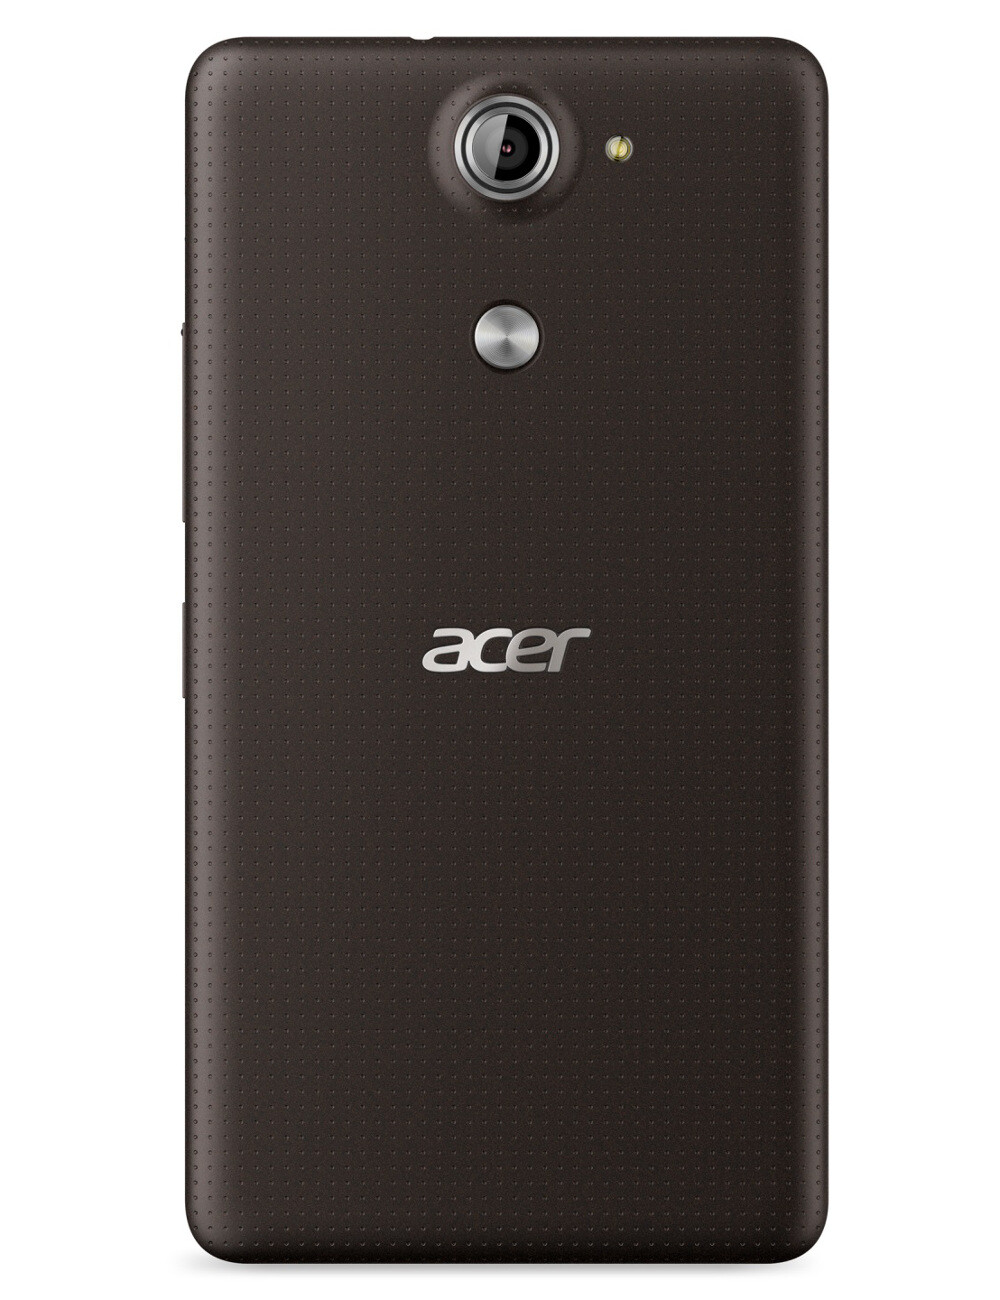 Acer Liquid X1 Specs